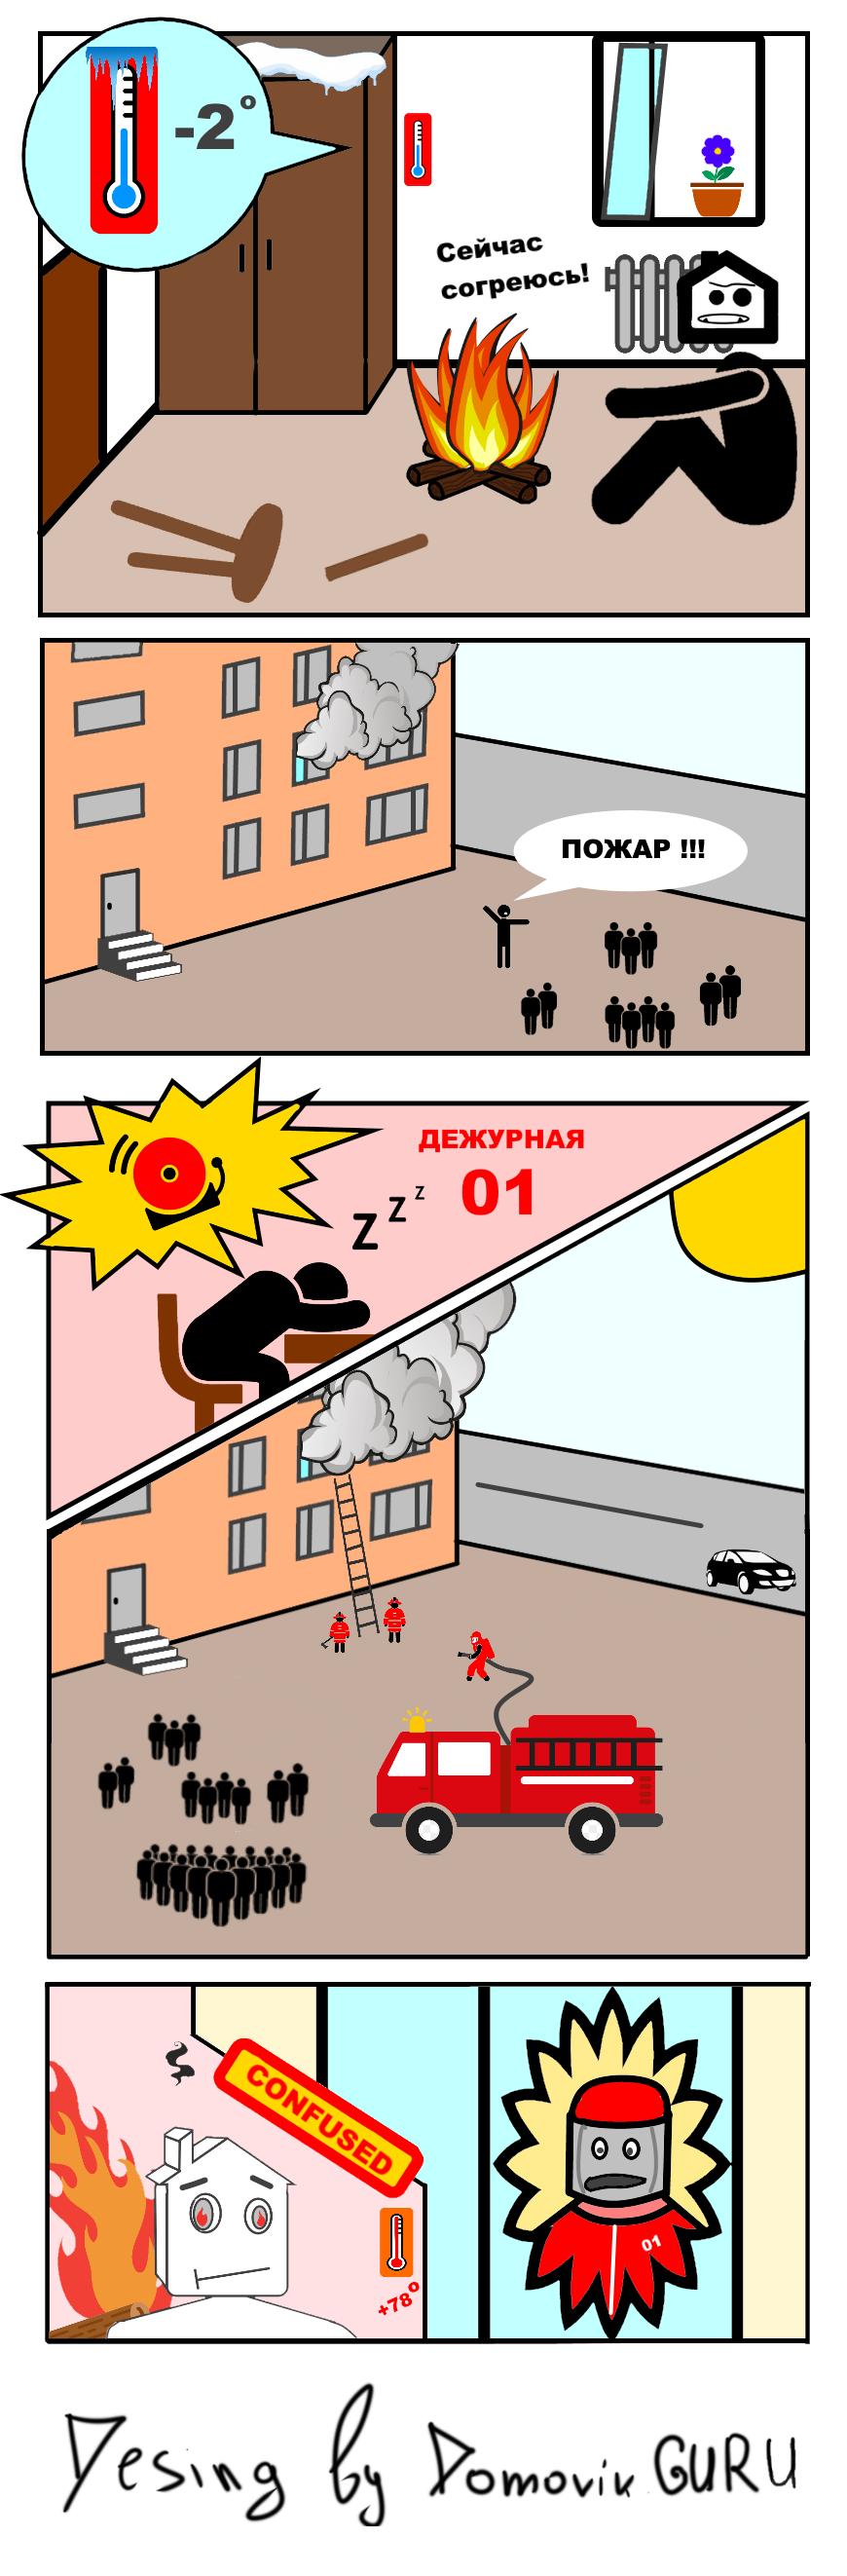 Комиксы о недвижимости